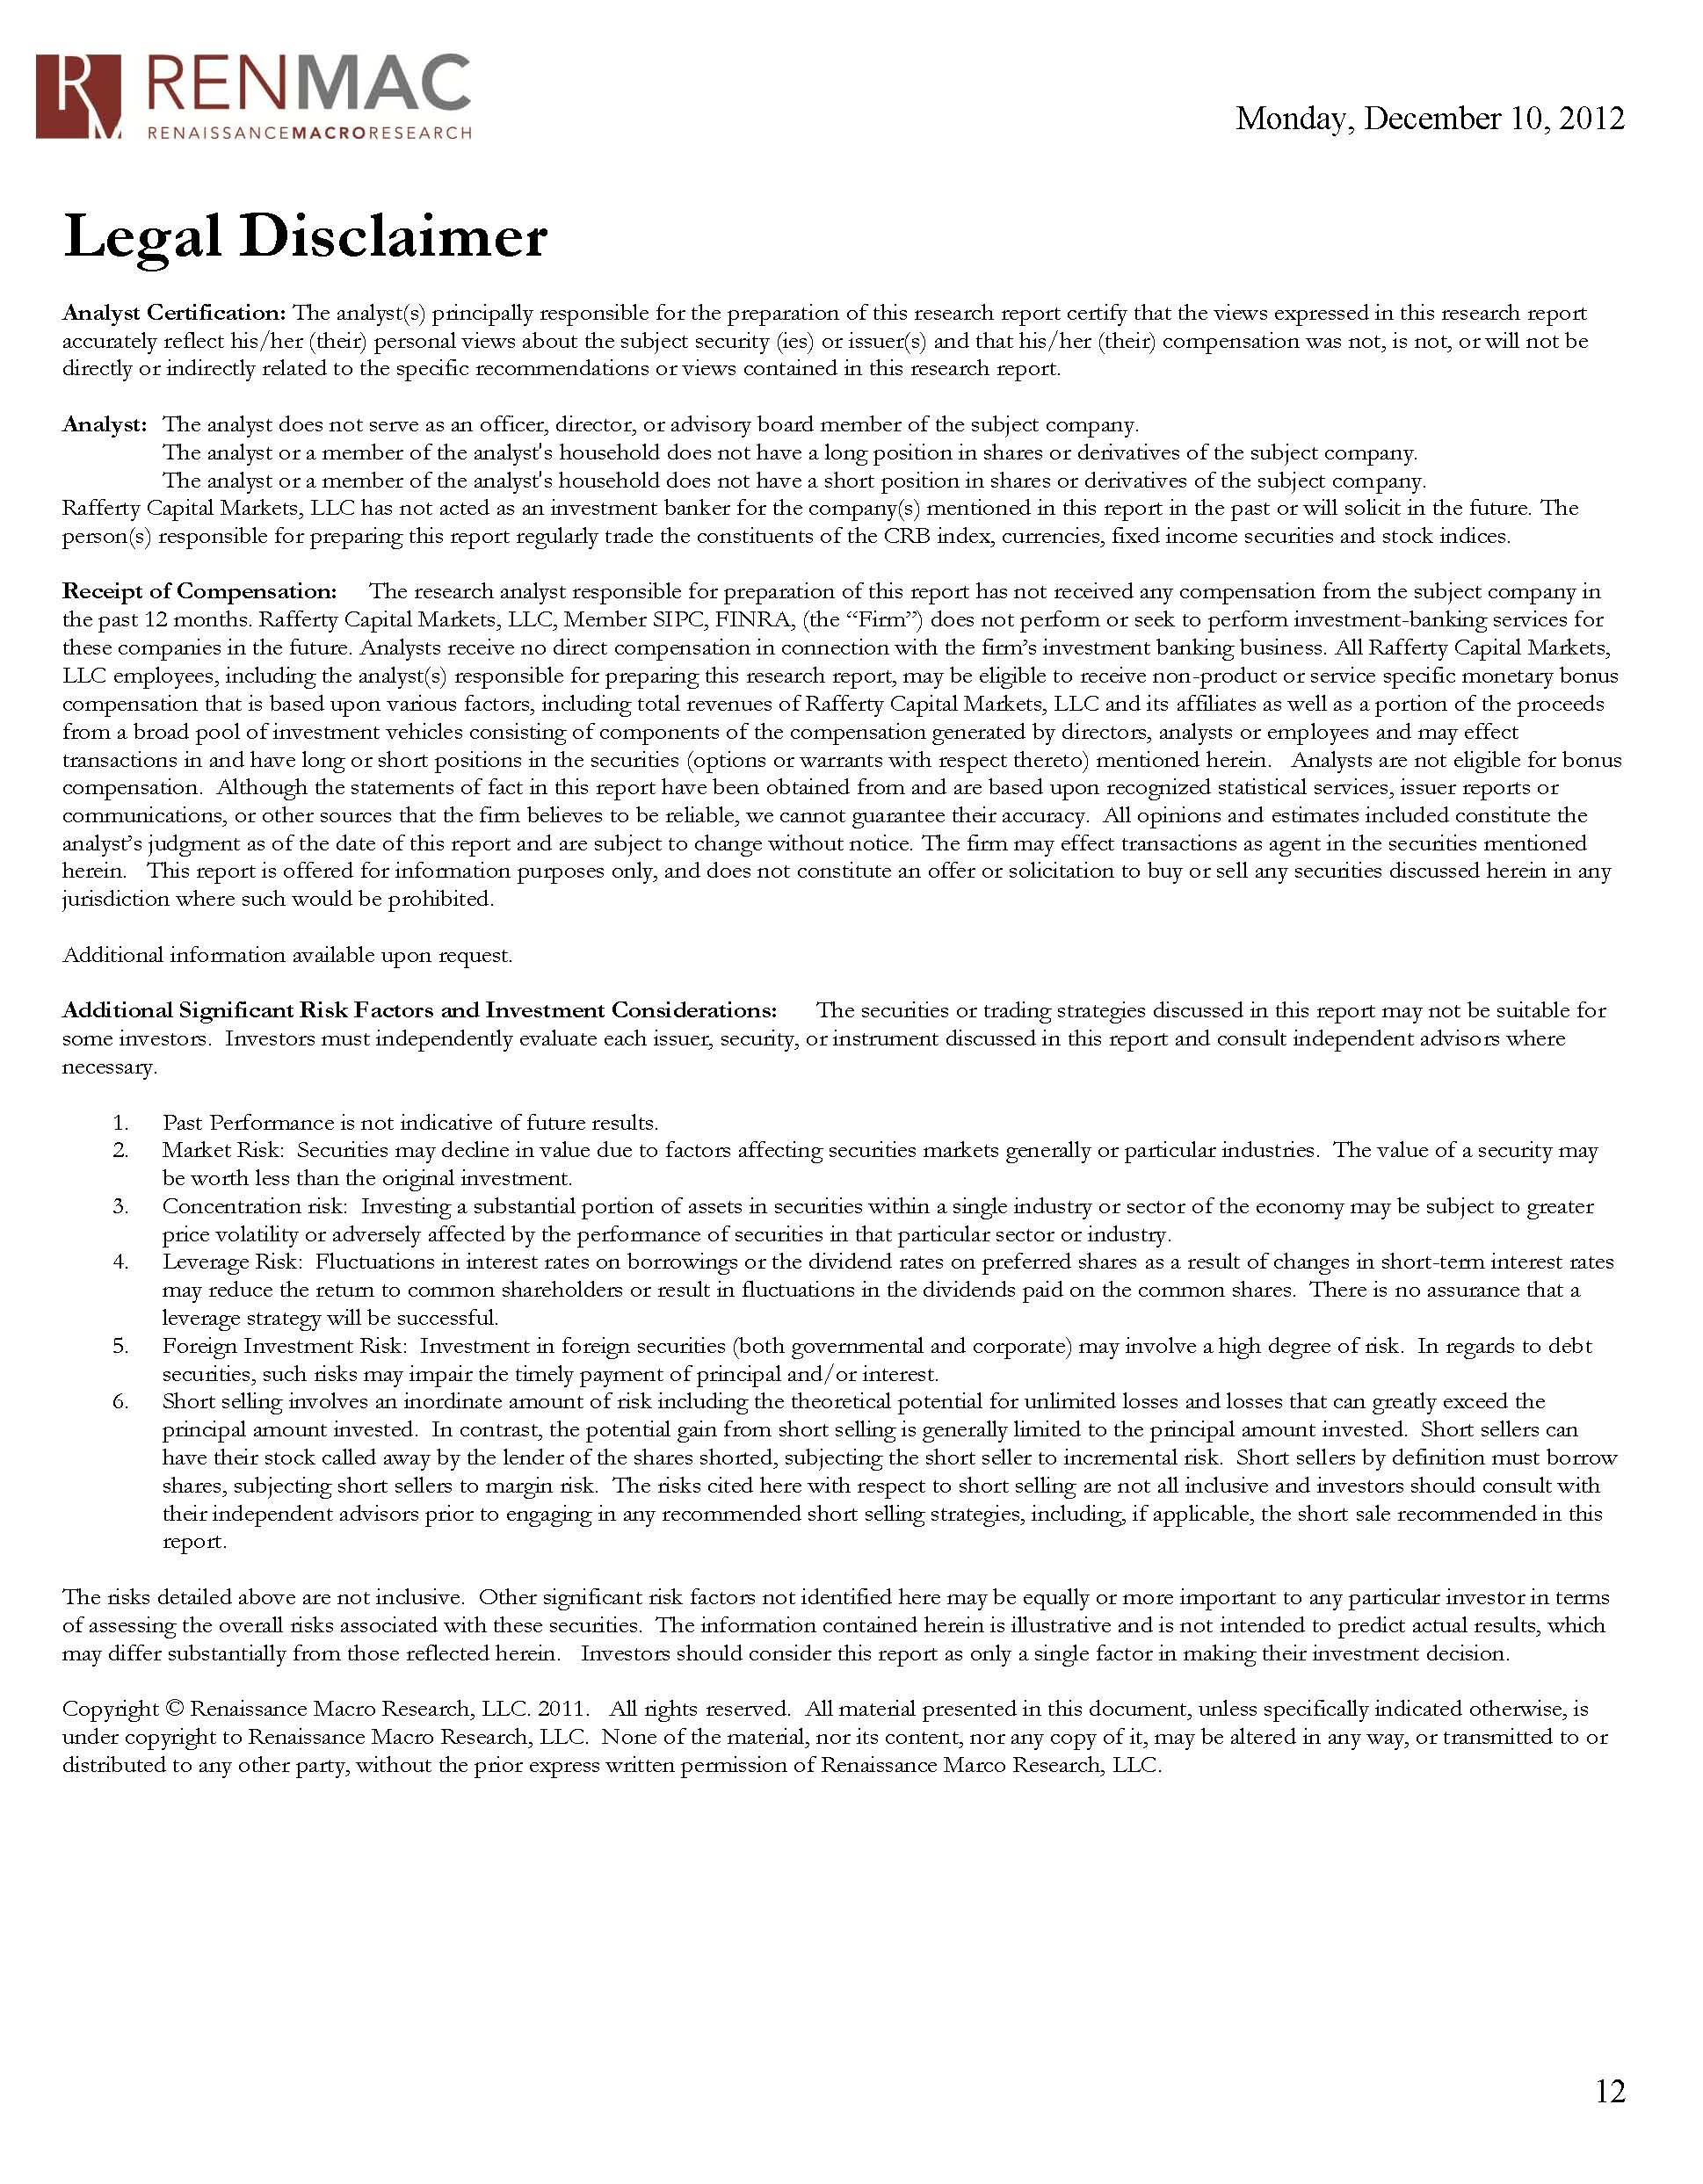 121012_Dutta's Economic Daily_Page_12